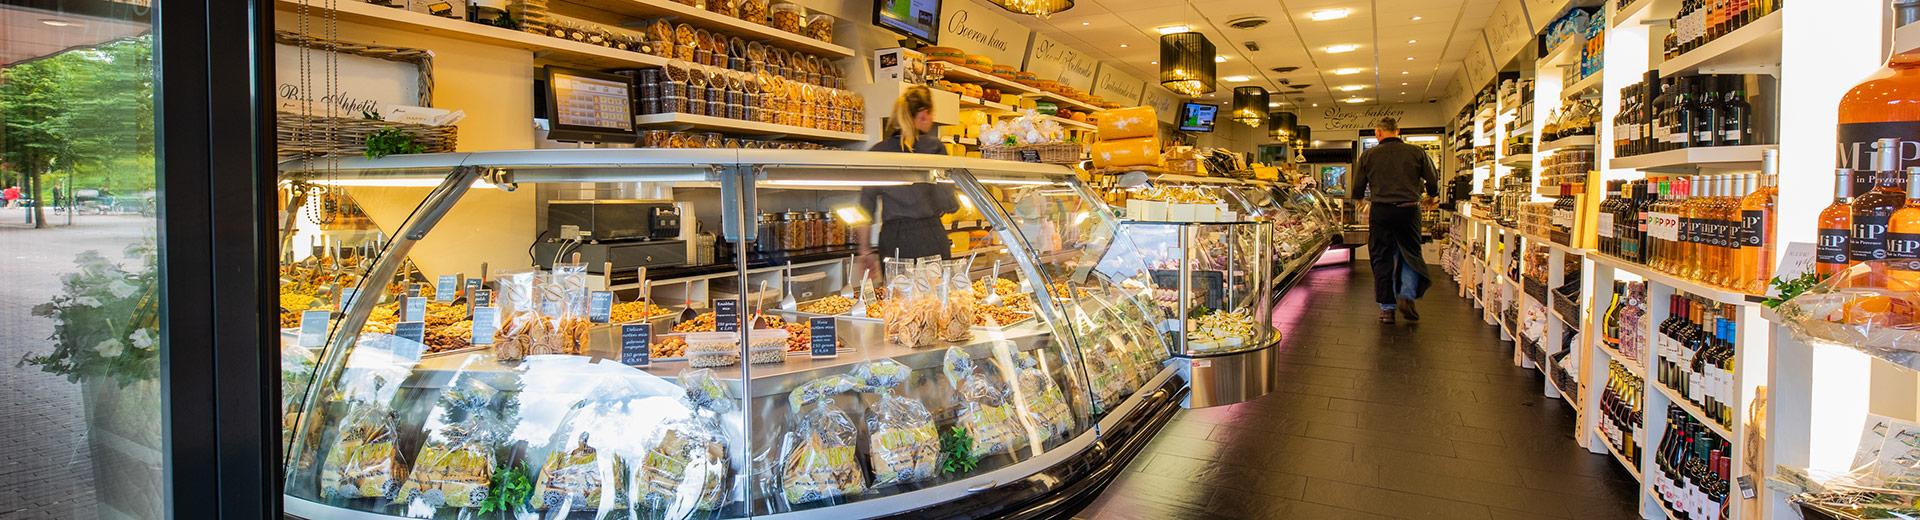 Kaas, vleeswaren, noten, wijnen, delicatessen